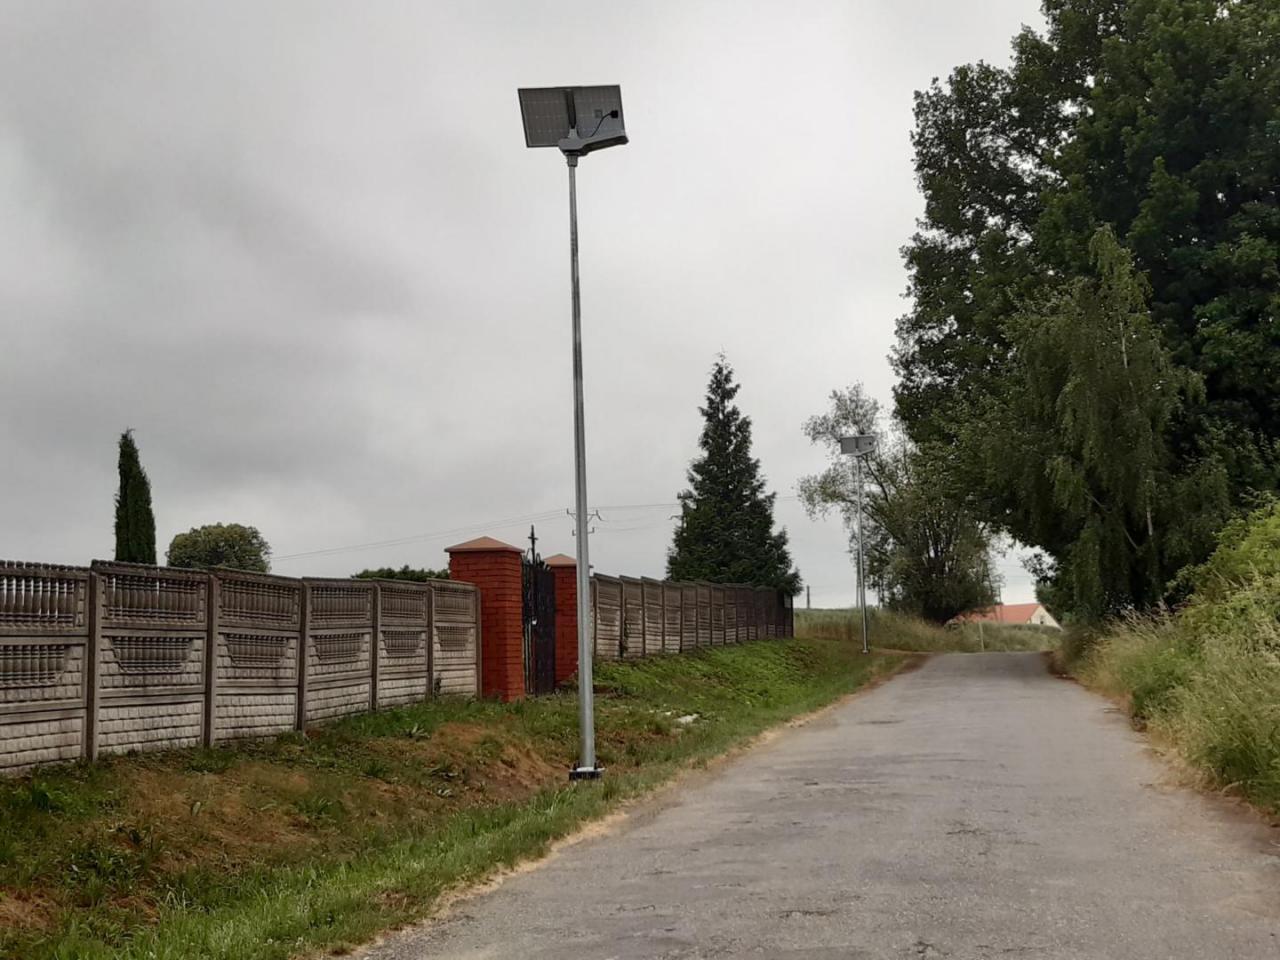 Nowe lampy solarne w gminie Ząbkowice Śląskie